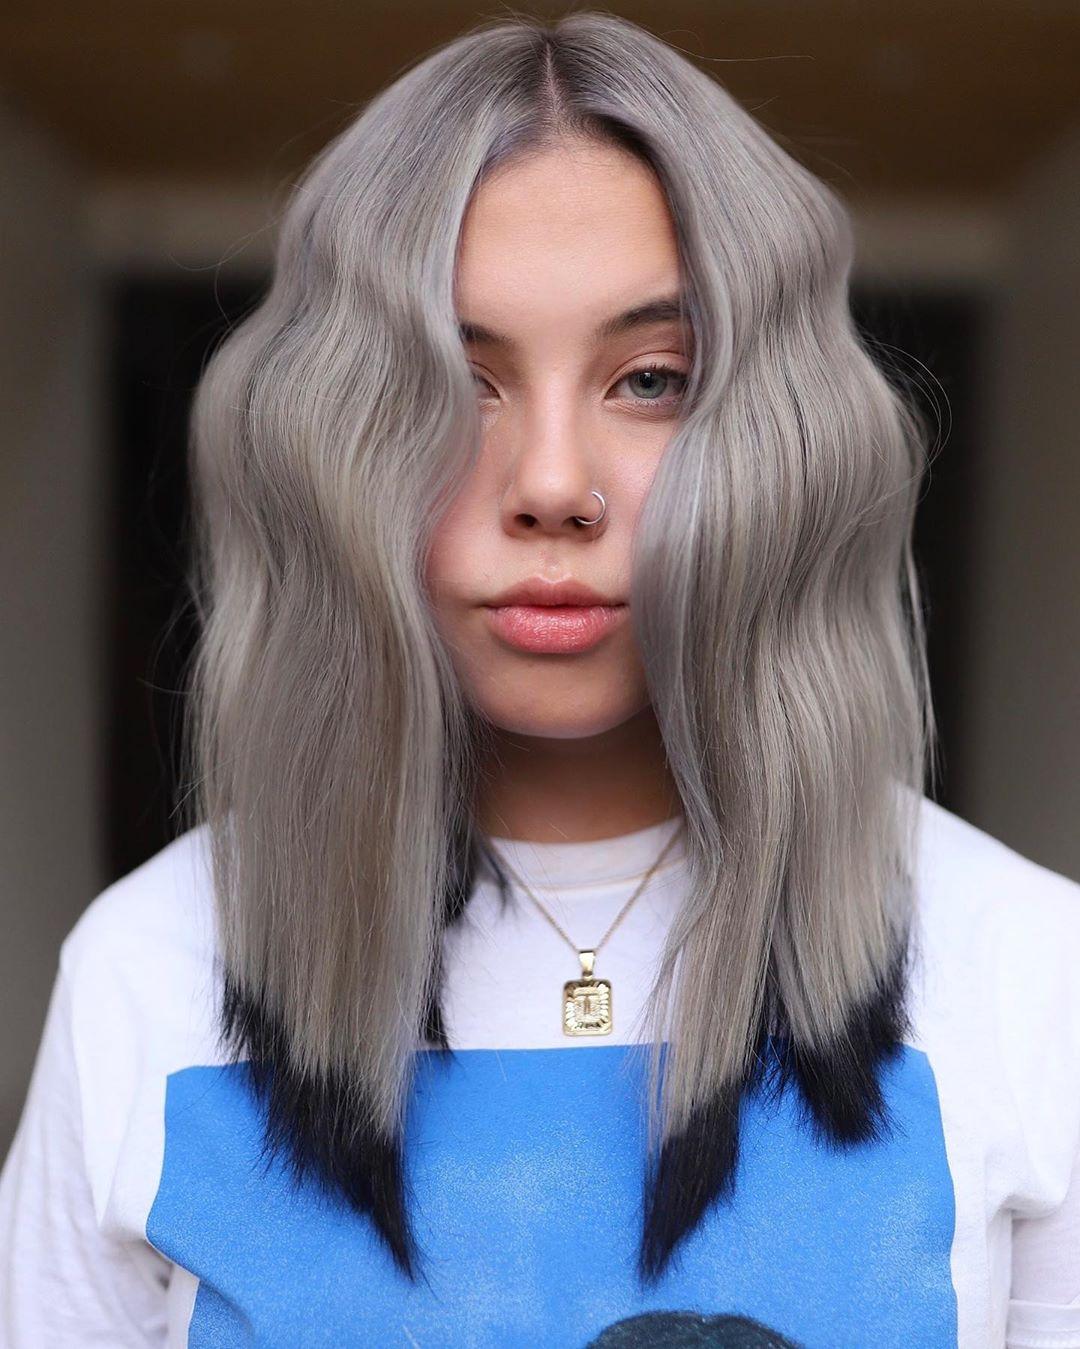 Ziemlich mittellange Haarschnitte für Frauen 2021 - mittellange Haarfarbe